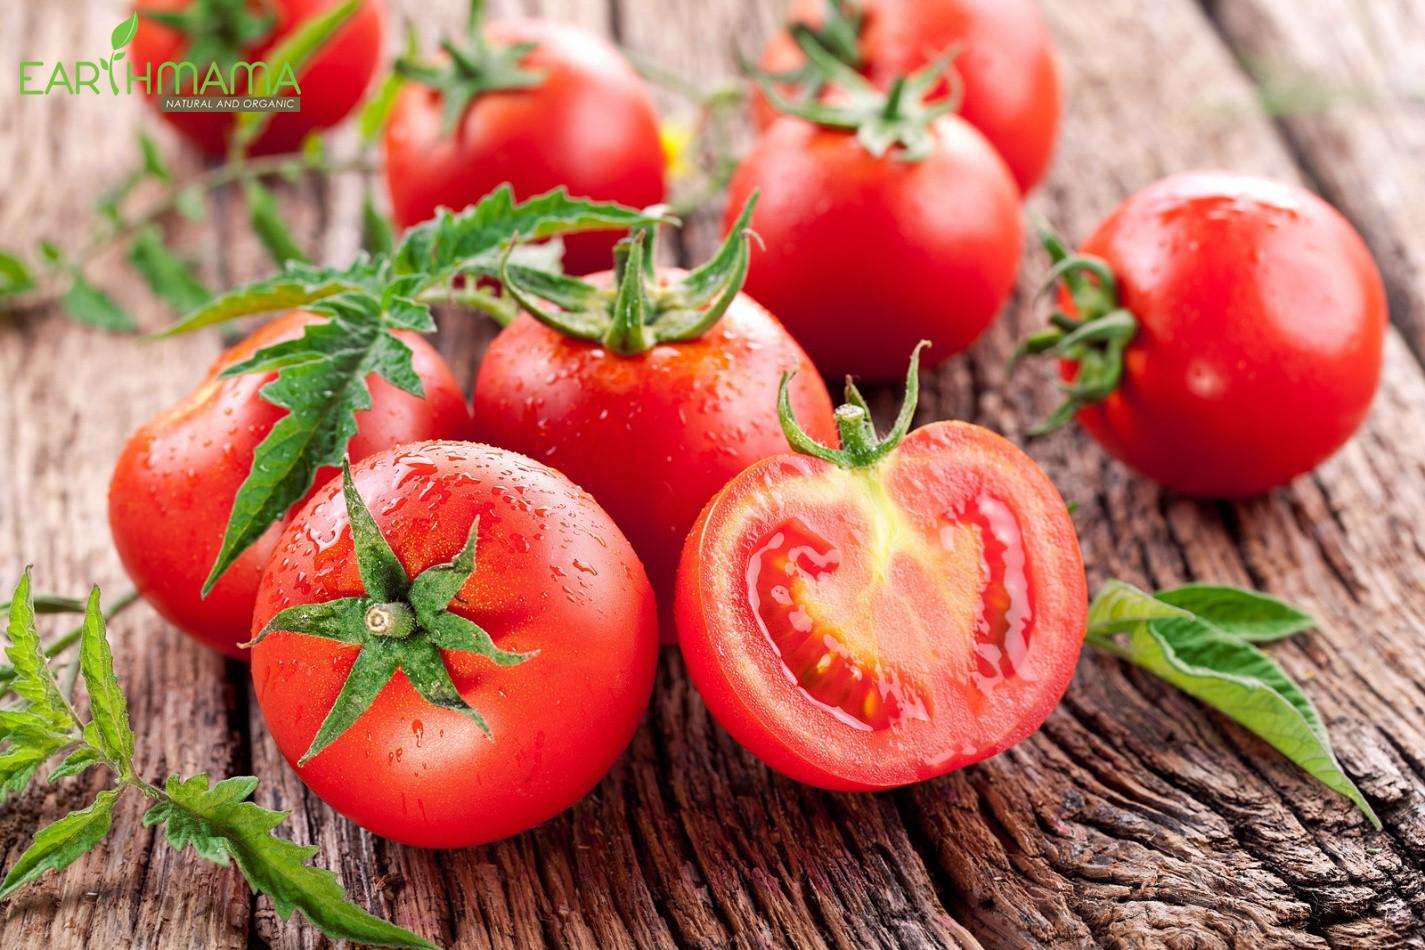 Mẹ hãy hạn chế cho bé ăn cà chua hoặc các sản phẩm từ cà chua để làm dịu cơ hăm da